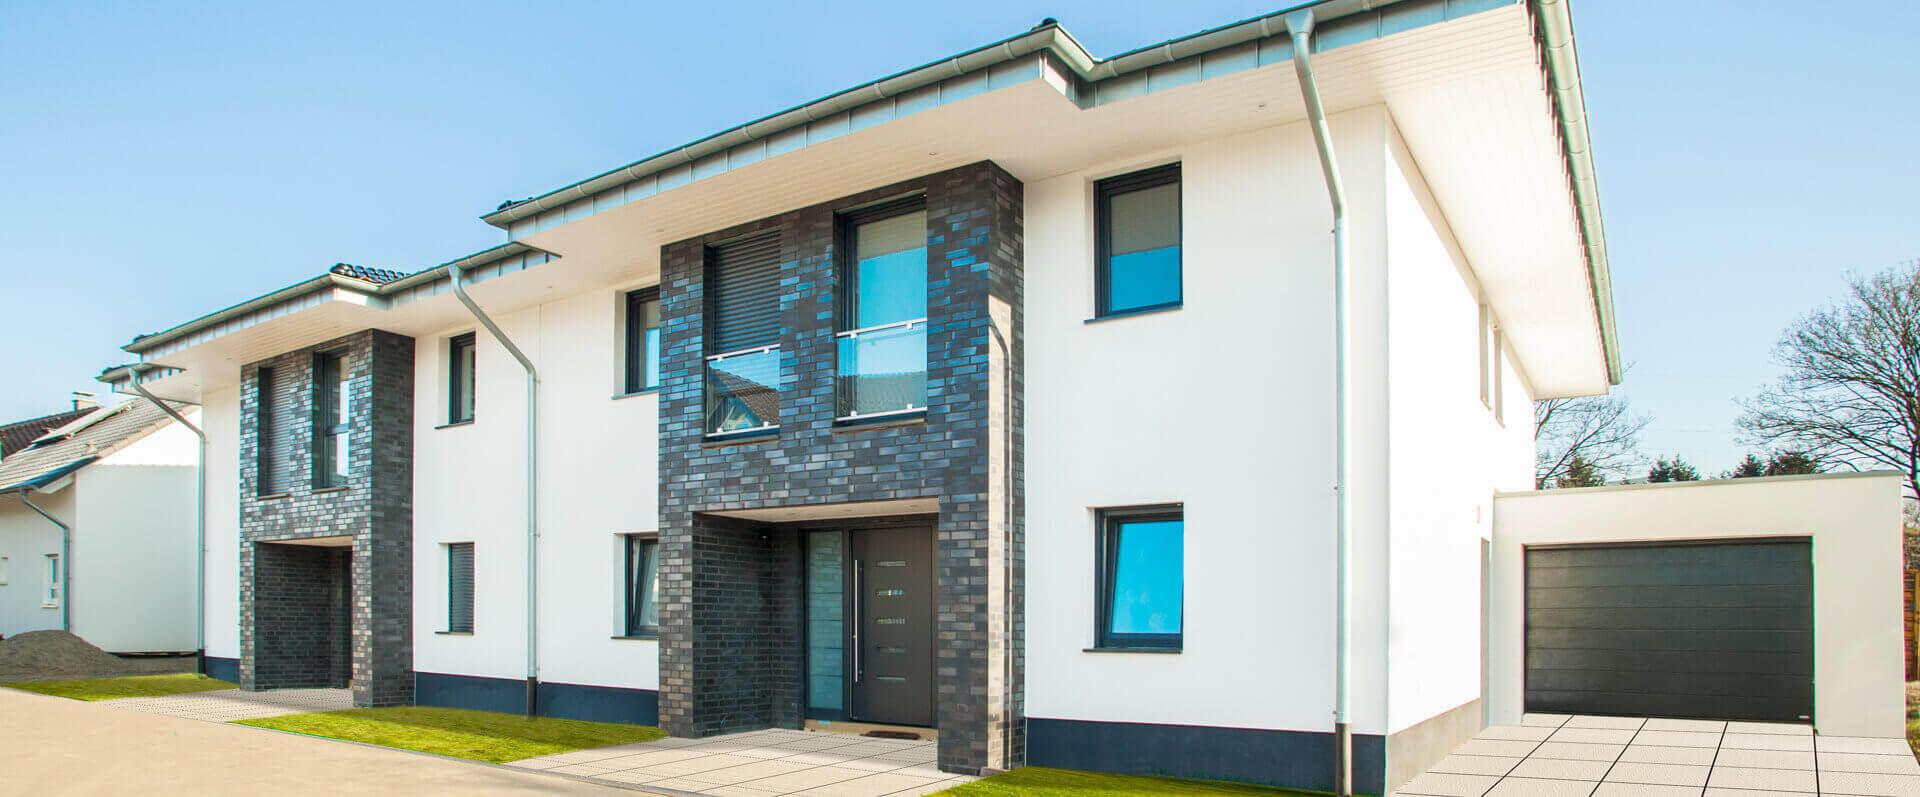 Fenster-tueren-fensterbau-haustueren-gh-raumdesign